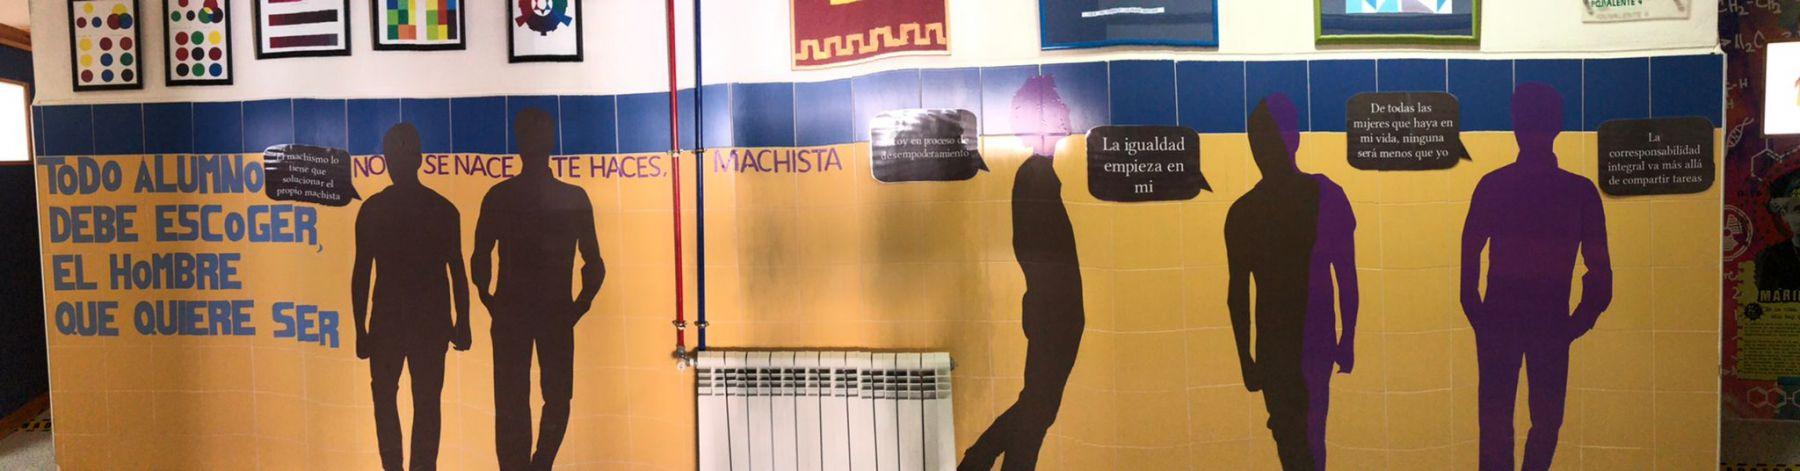 Machismo1